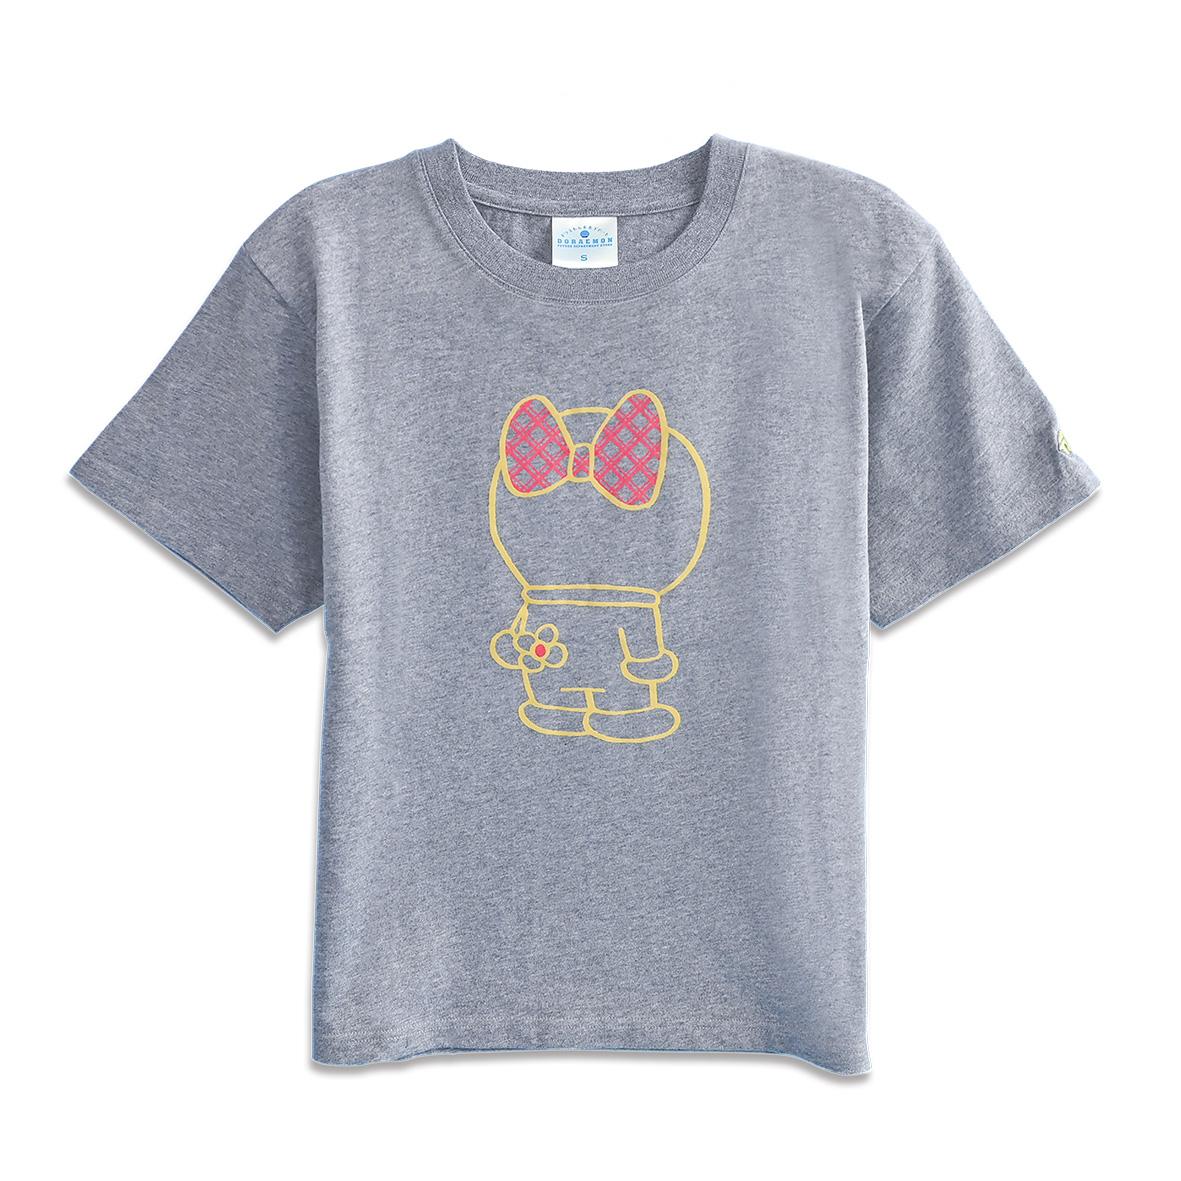 【オンライン限定】Tシャツ ドラミ後ろすがた グレー S